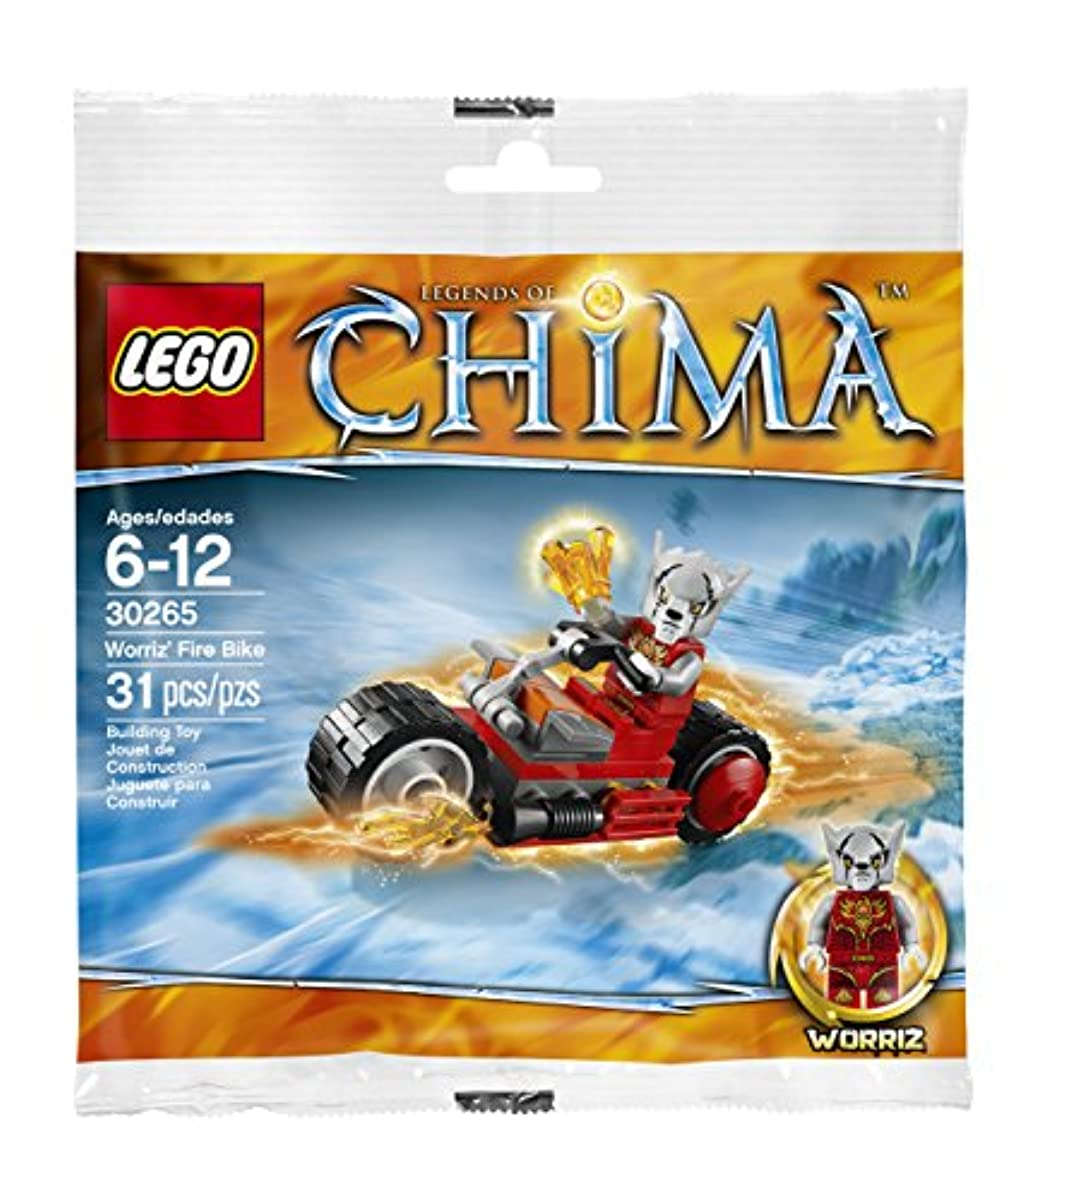 [해외] LEGO LEGENDS OF CHIMA: WORRIZ' 화재 BIKE 세트 30265 (대채우기)